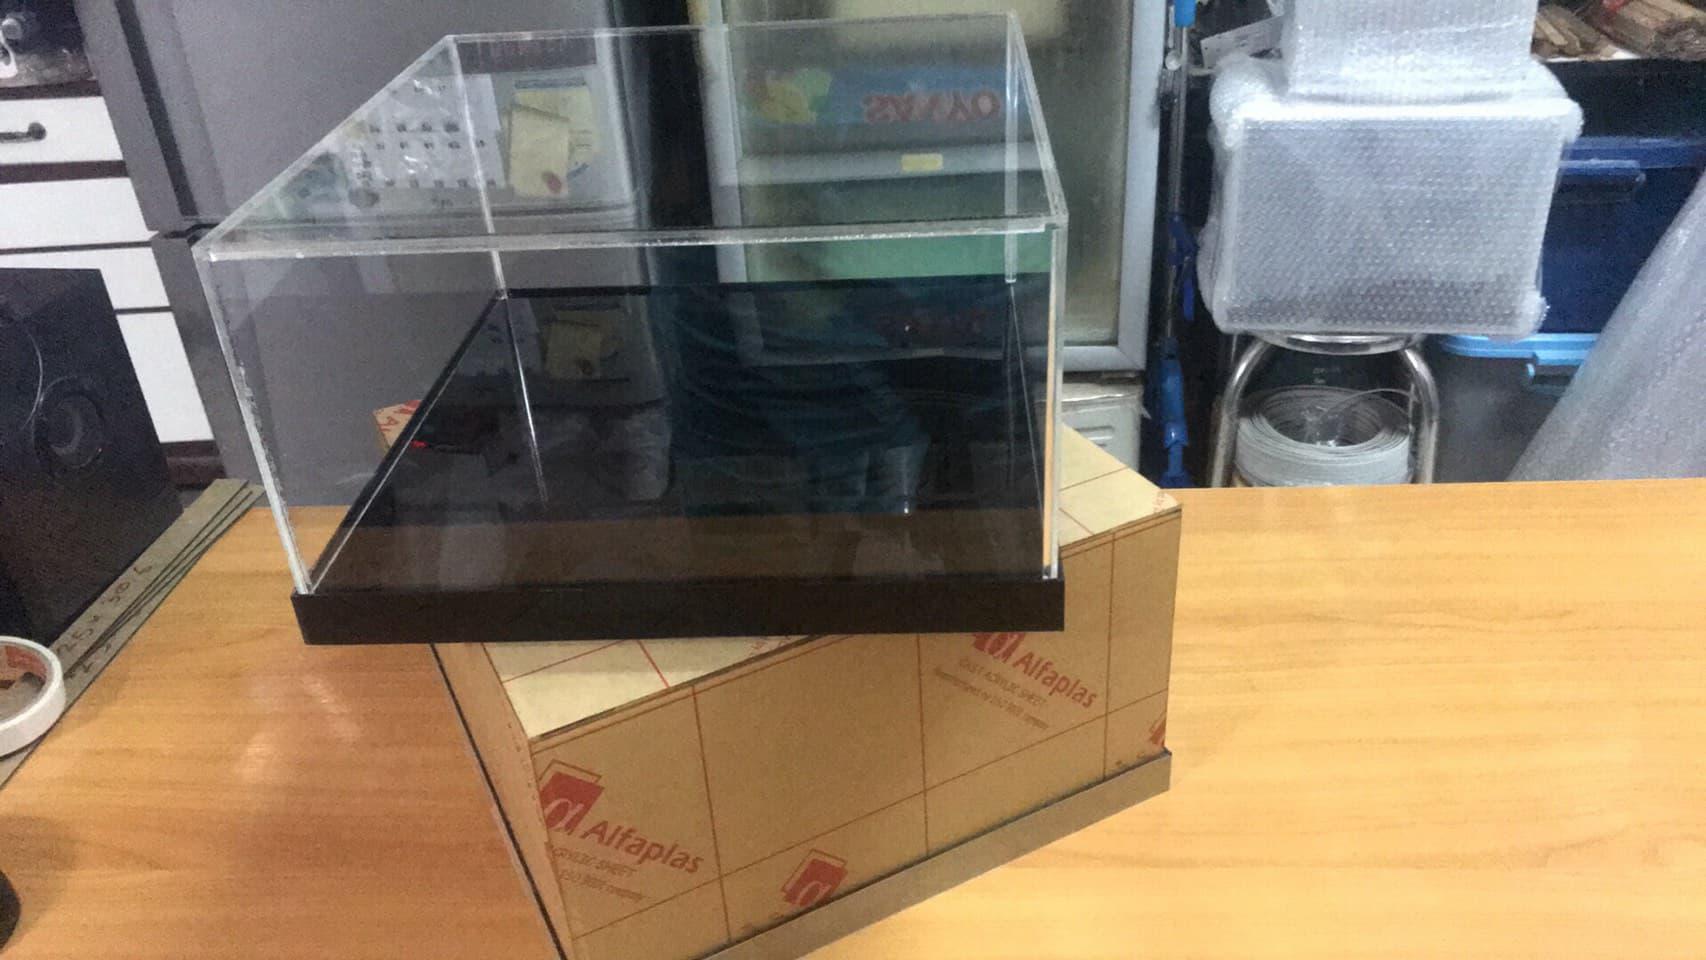 45x45x25 cm. หนา 3mm กล่องโชว์ แนวนอน (สั่งผลิต 10-20 วัน)